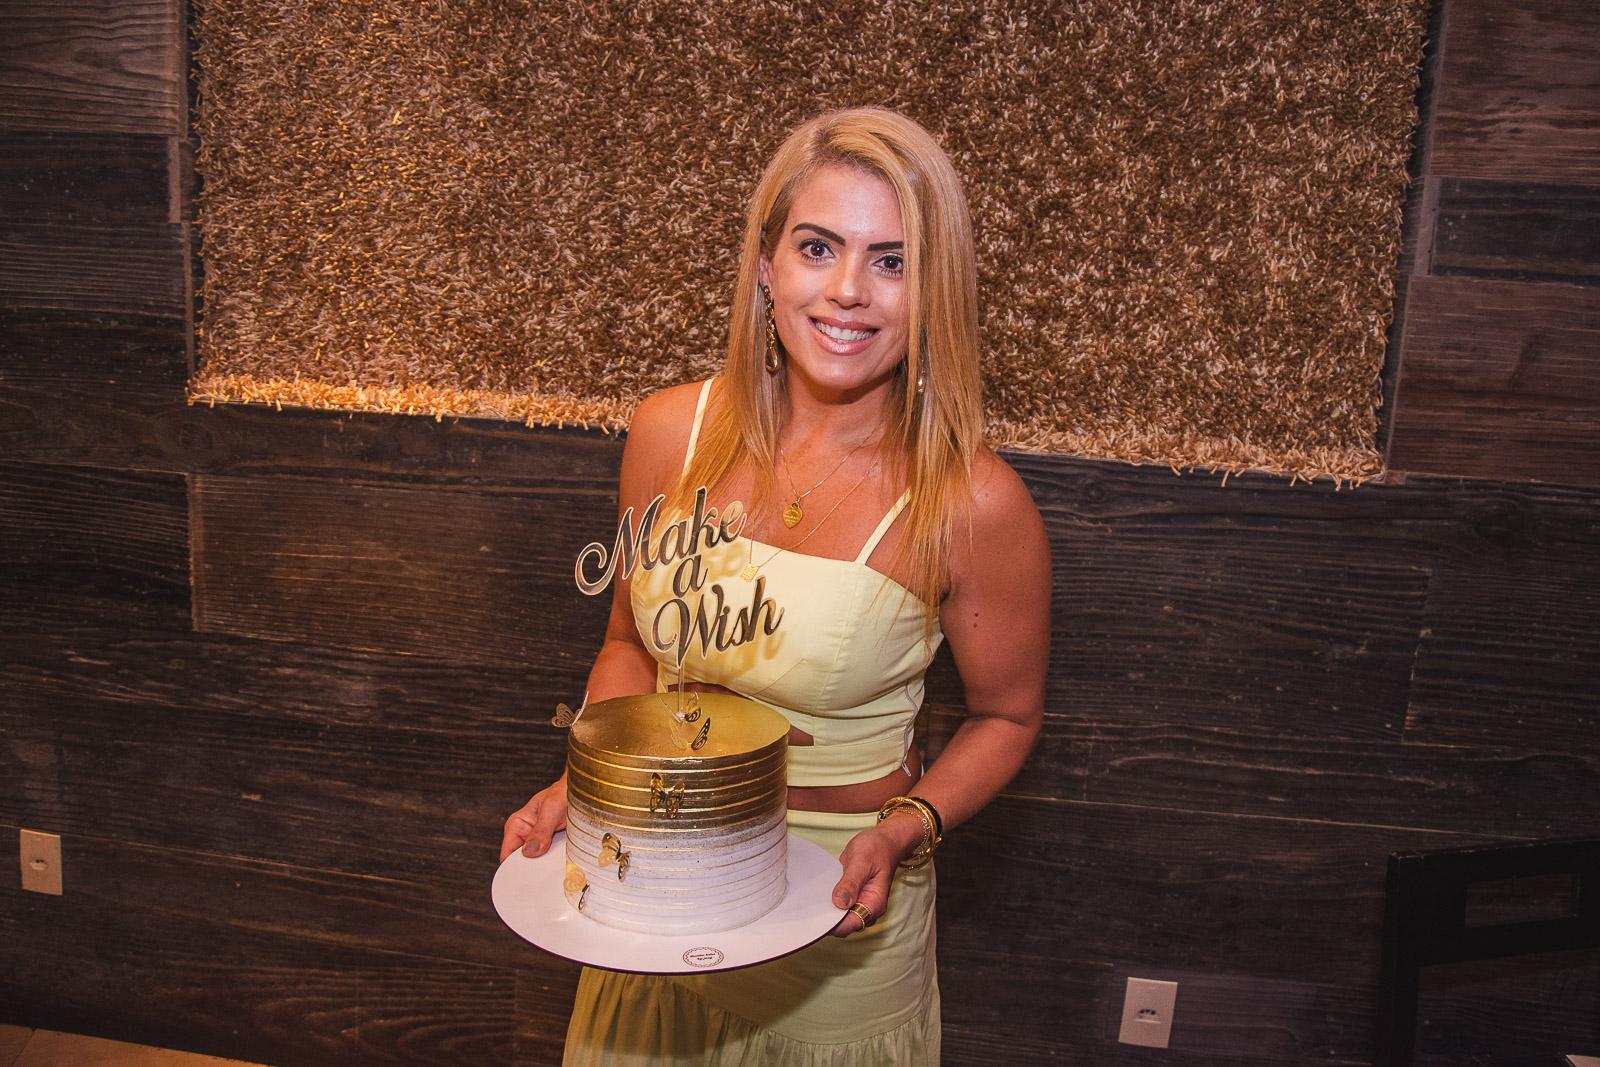 Leticia Studart celebra sua troca de idade em almoço no Soho Restaurante